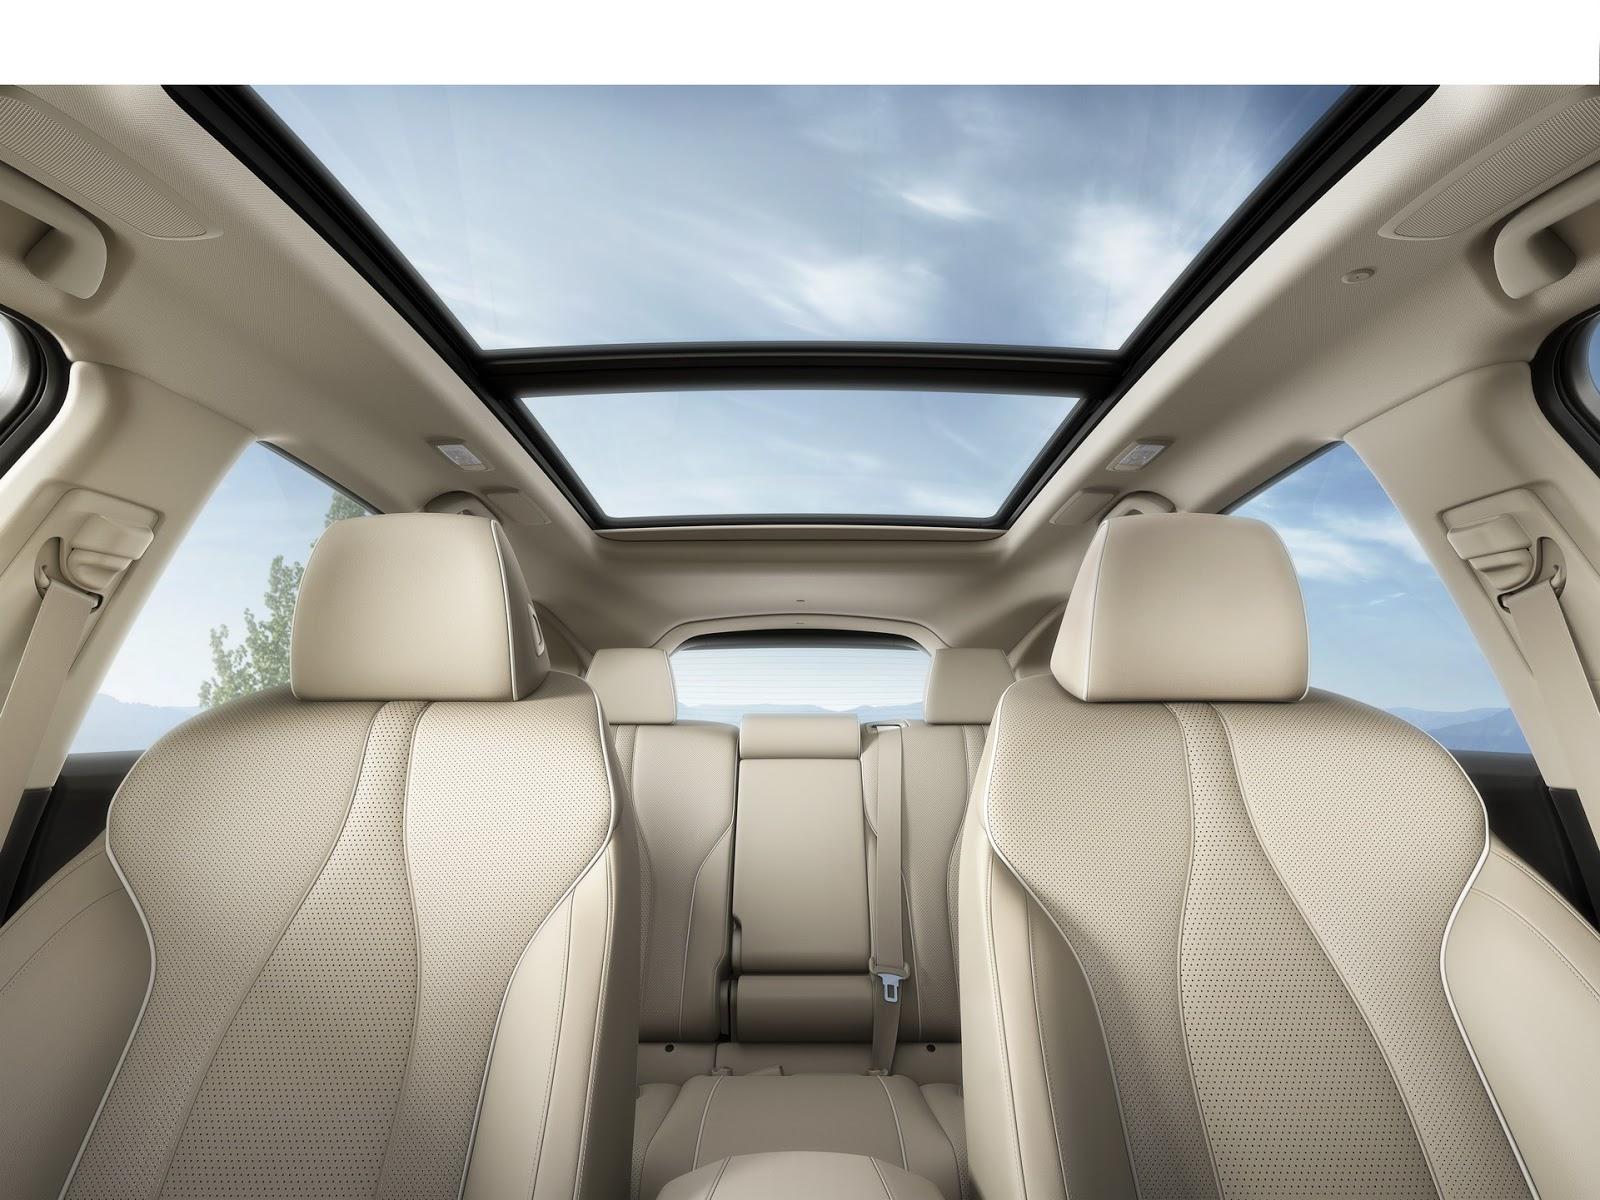 2019-Acura-RDX-13.jpg